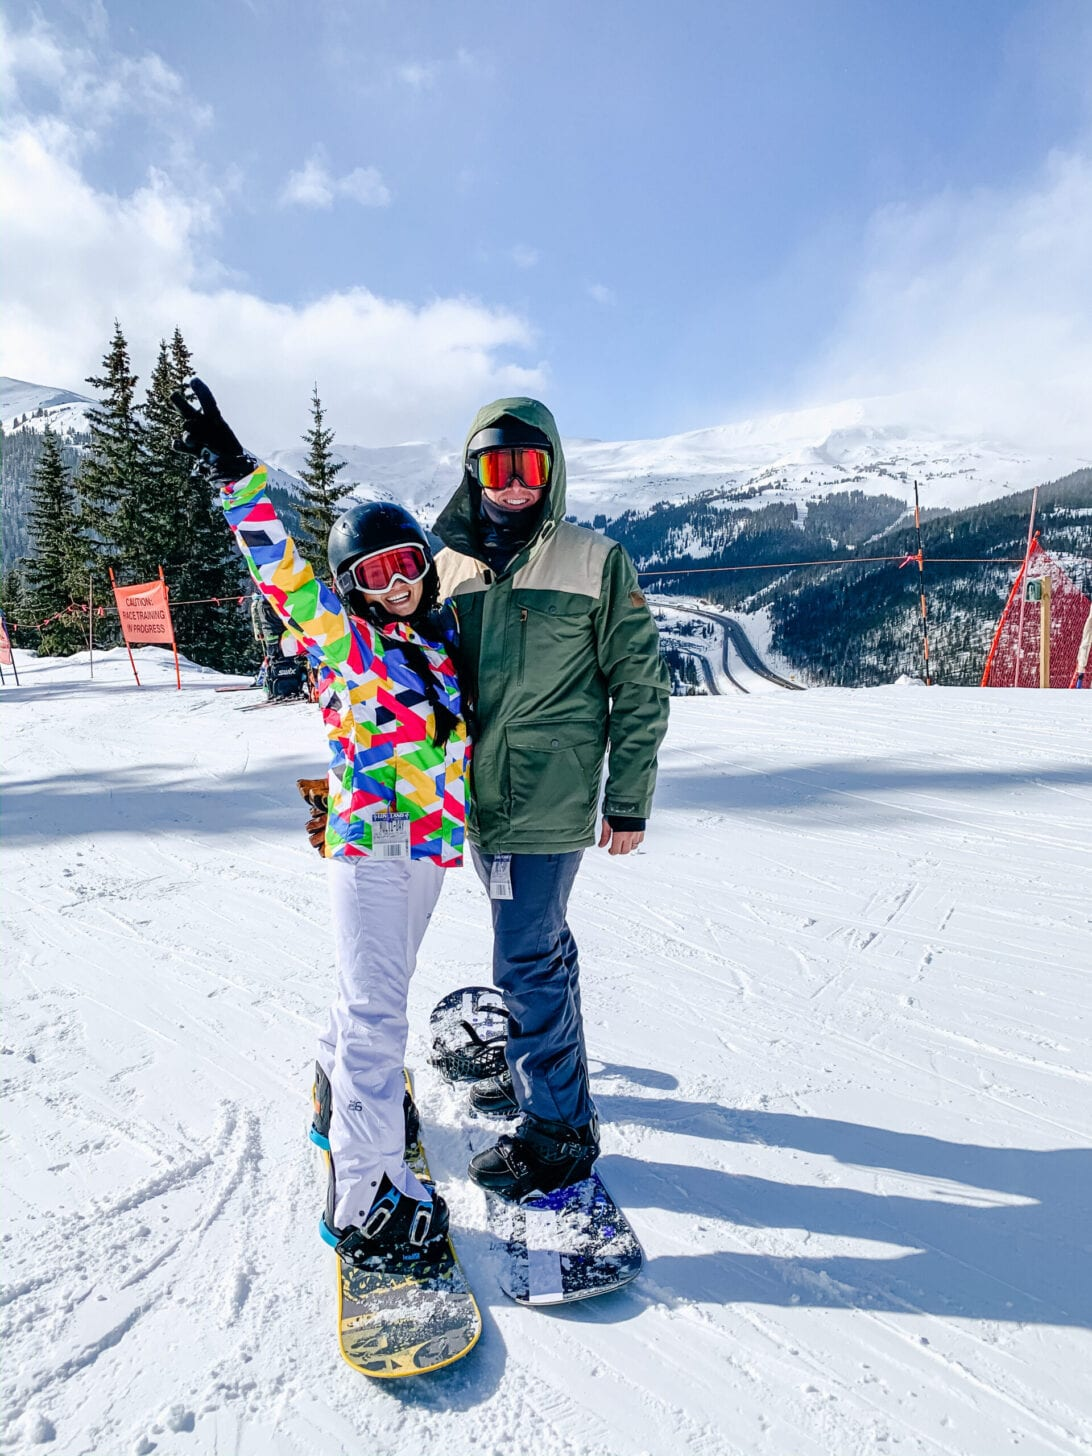 SNOW BOARDING COUPLE, SNOW BOARDING COLORADO